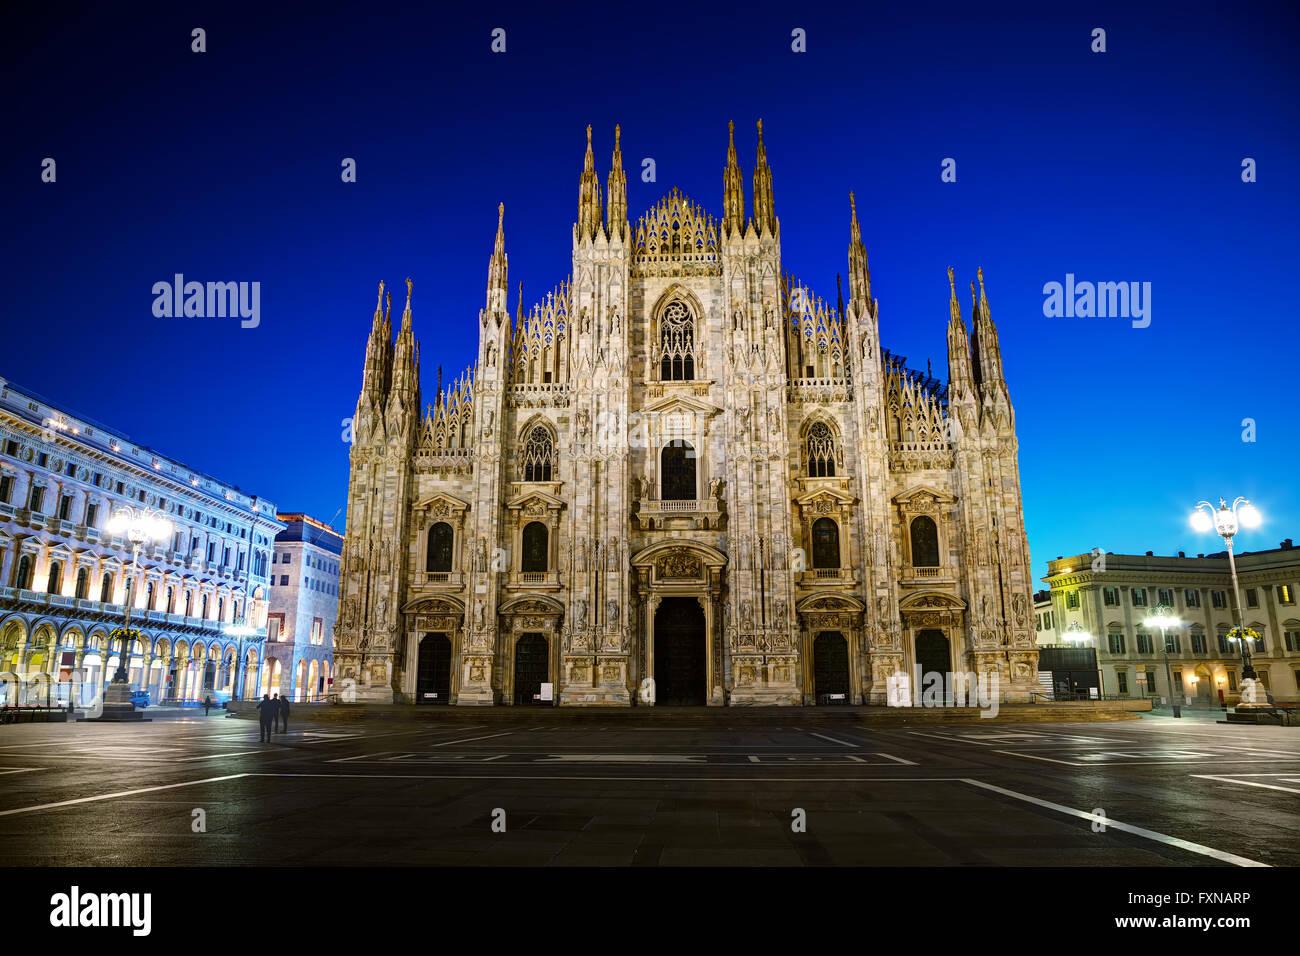 Duomo di mattina presto a Milano, Italia. Immagini Stock